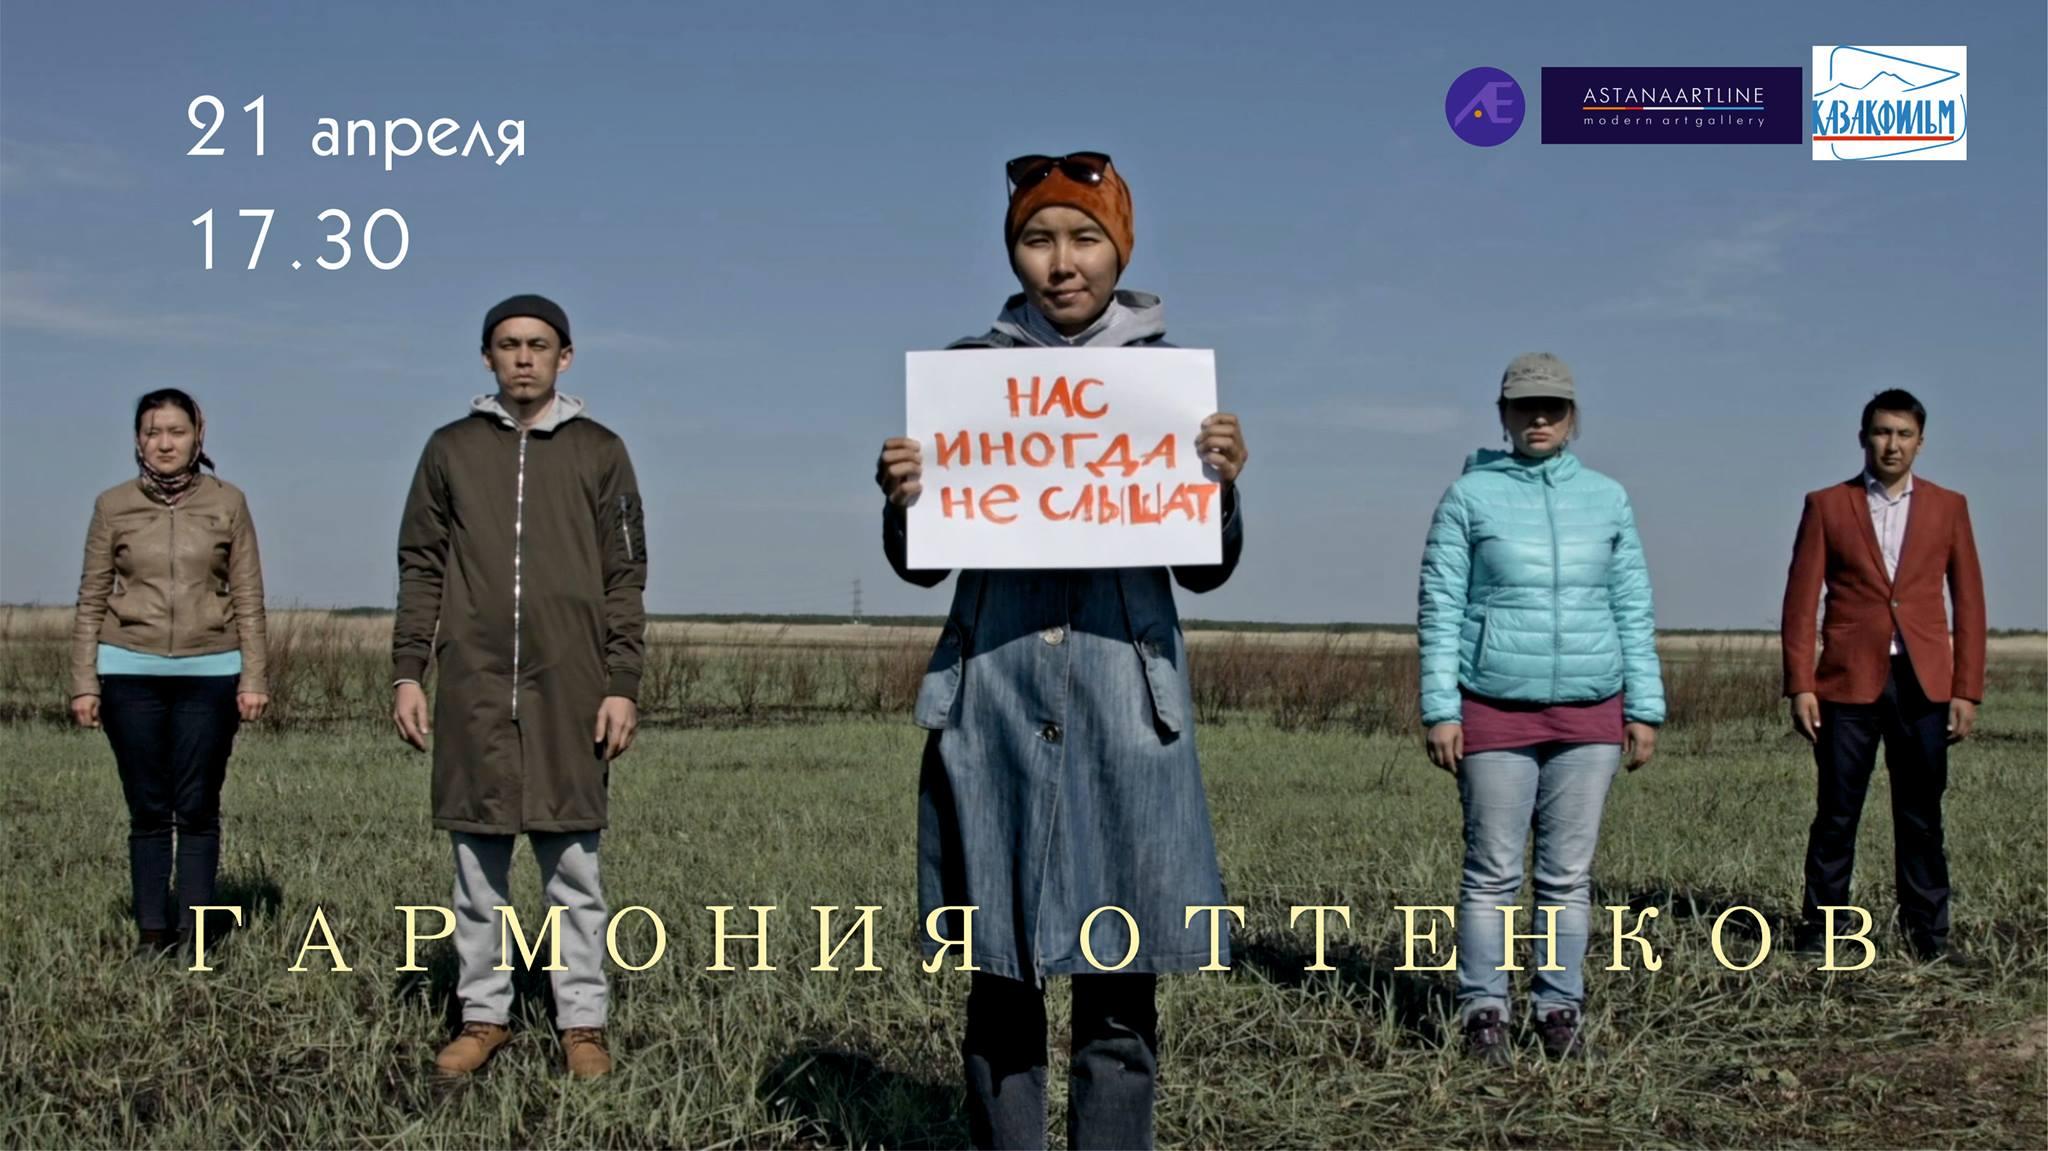 """Показ документального фильма """"Гармония оттенков"""" @ АСТАНА, галерея Artline"""